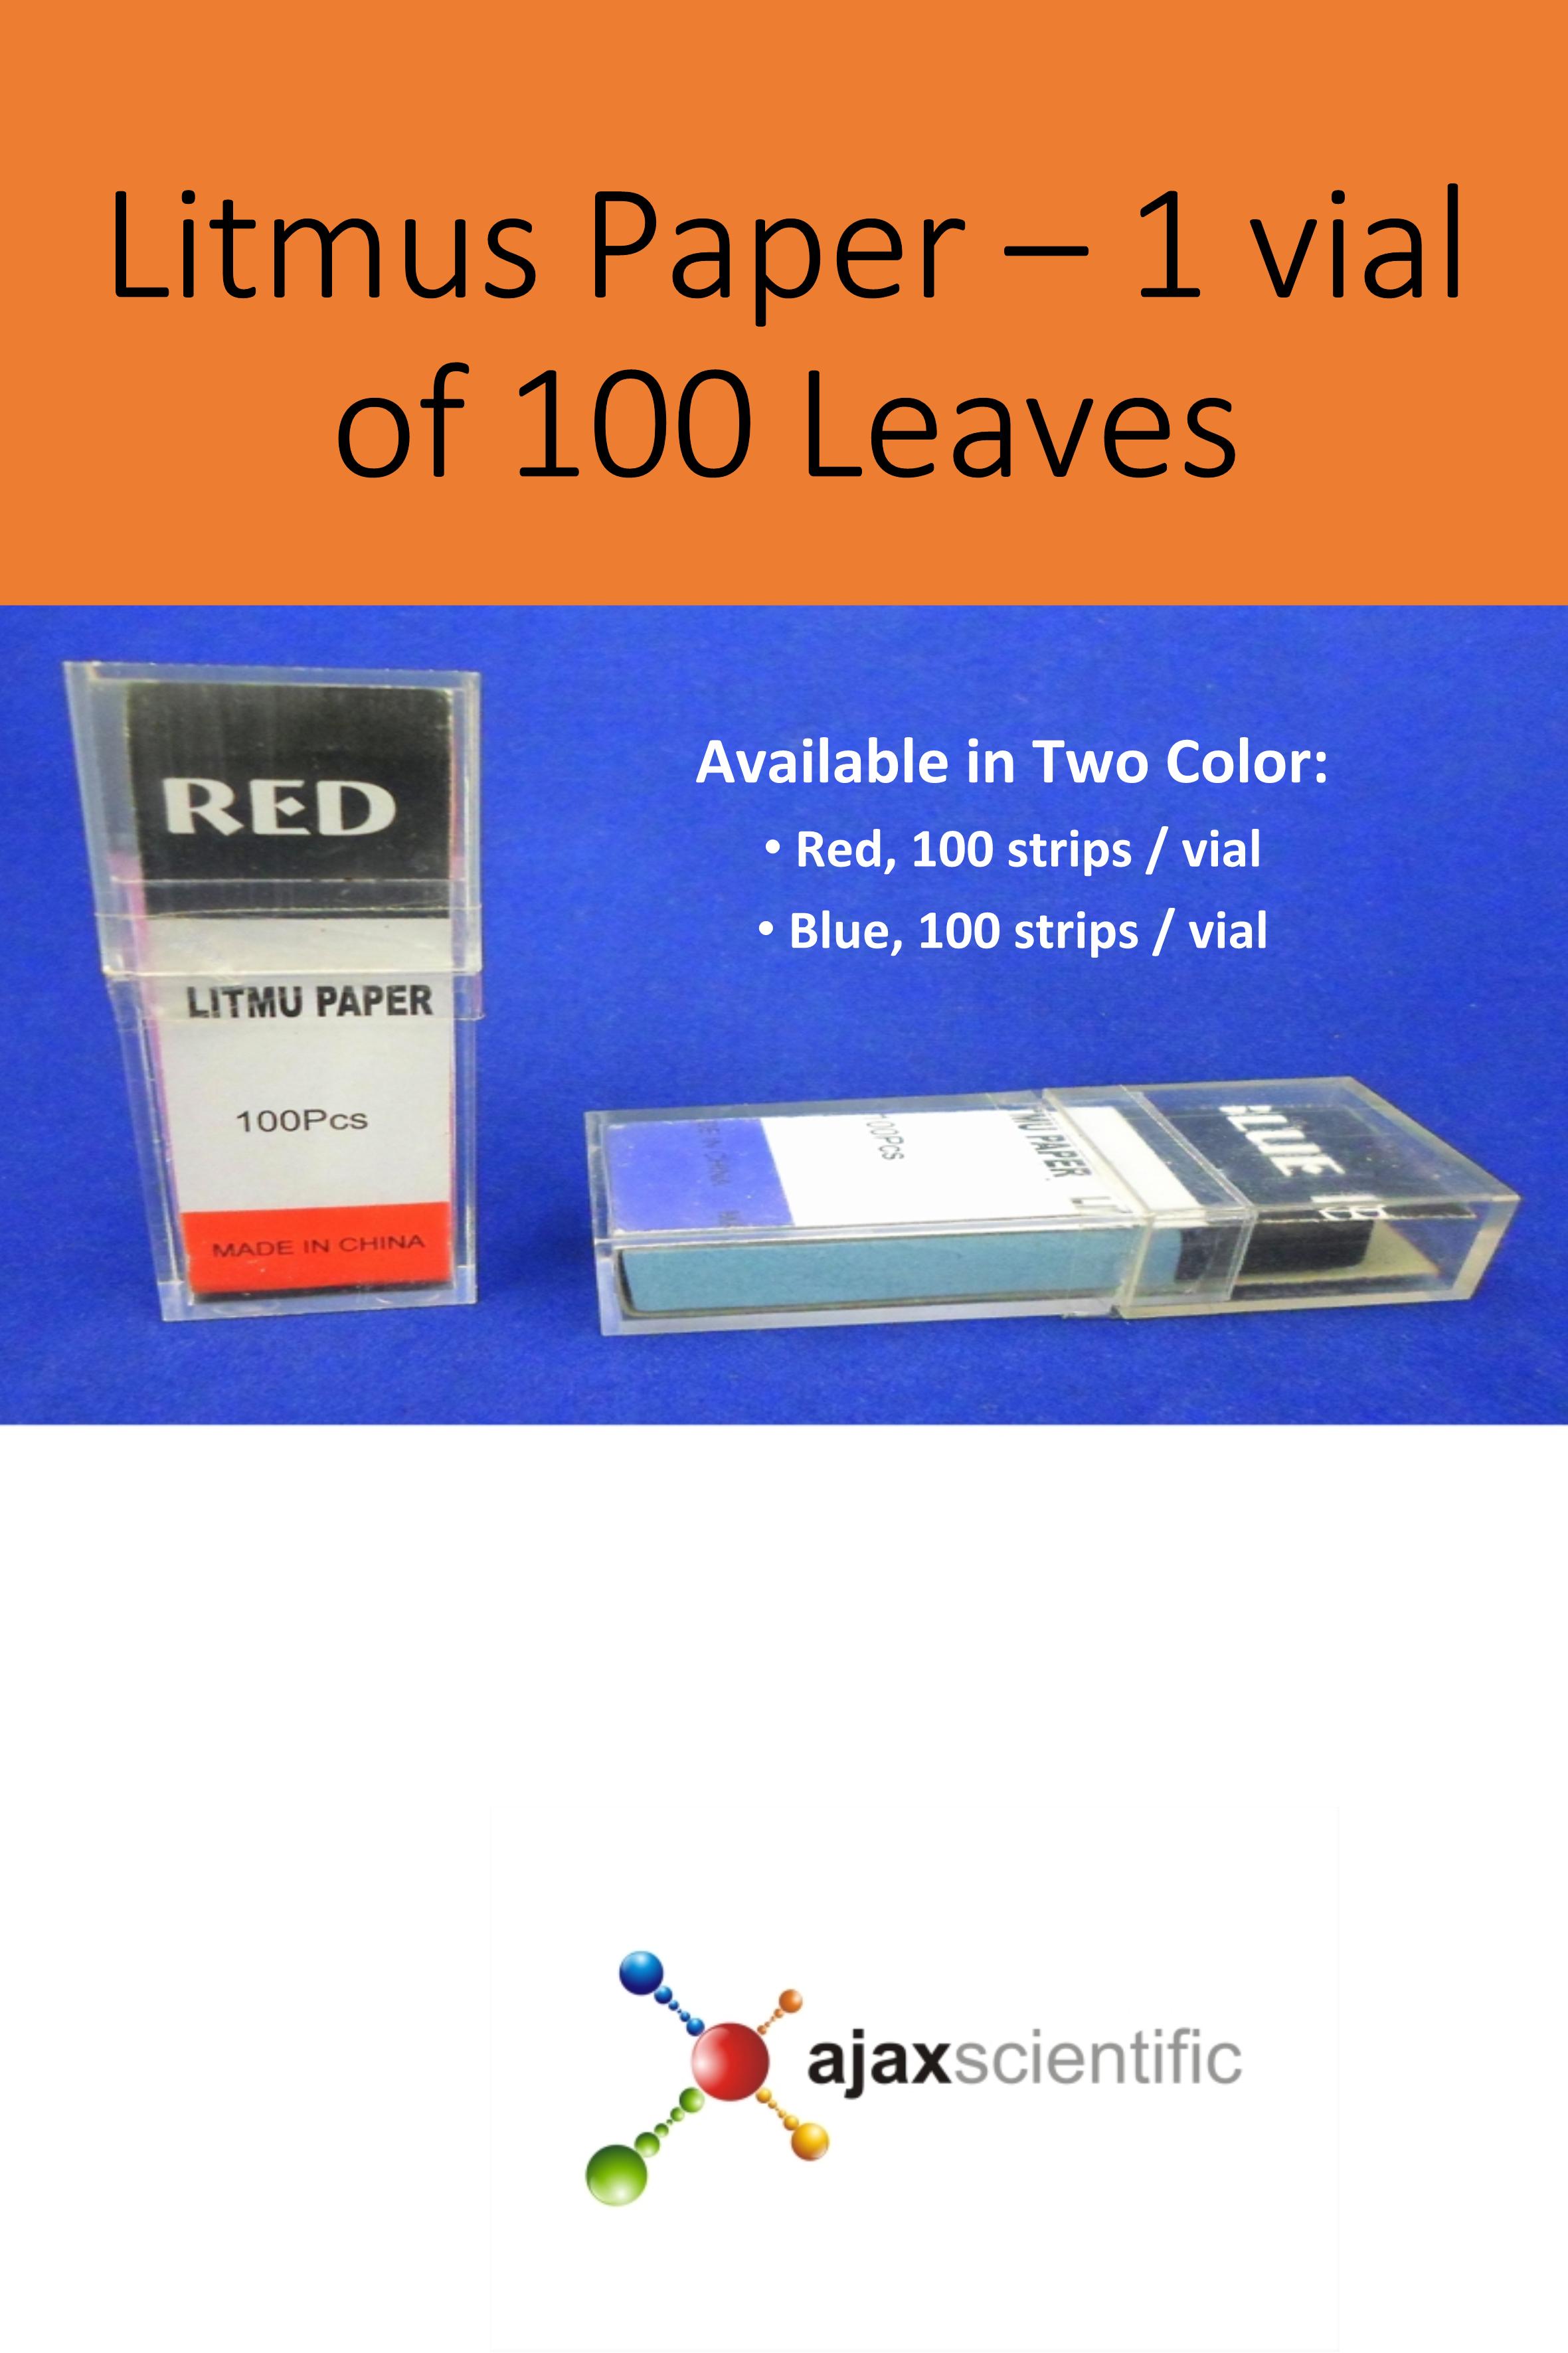 Litmus Paper - 1 vial of 100 Leaves | Science Education